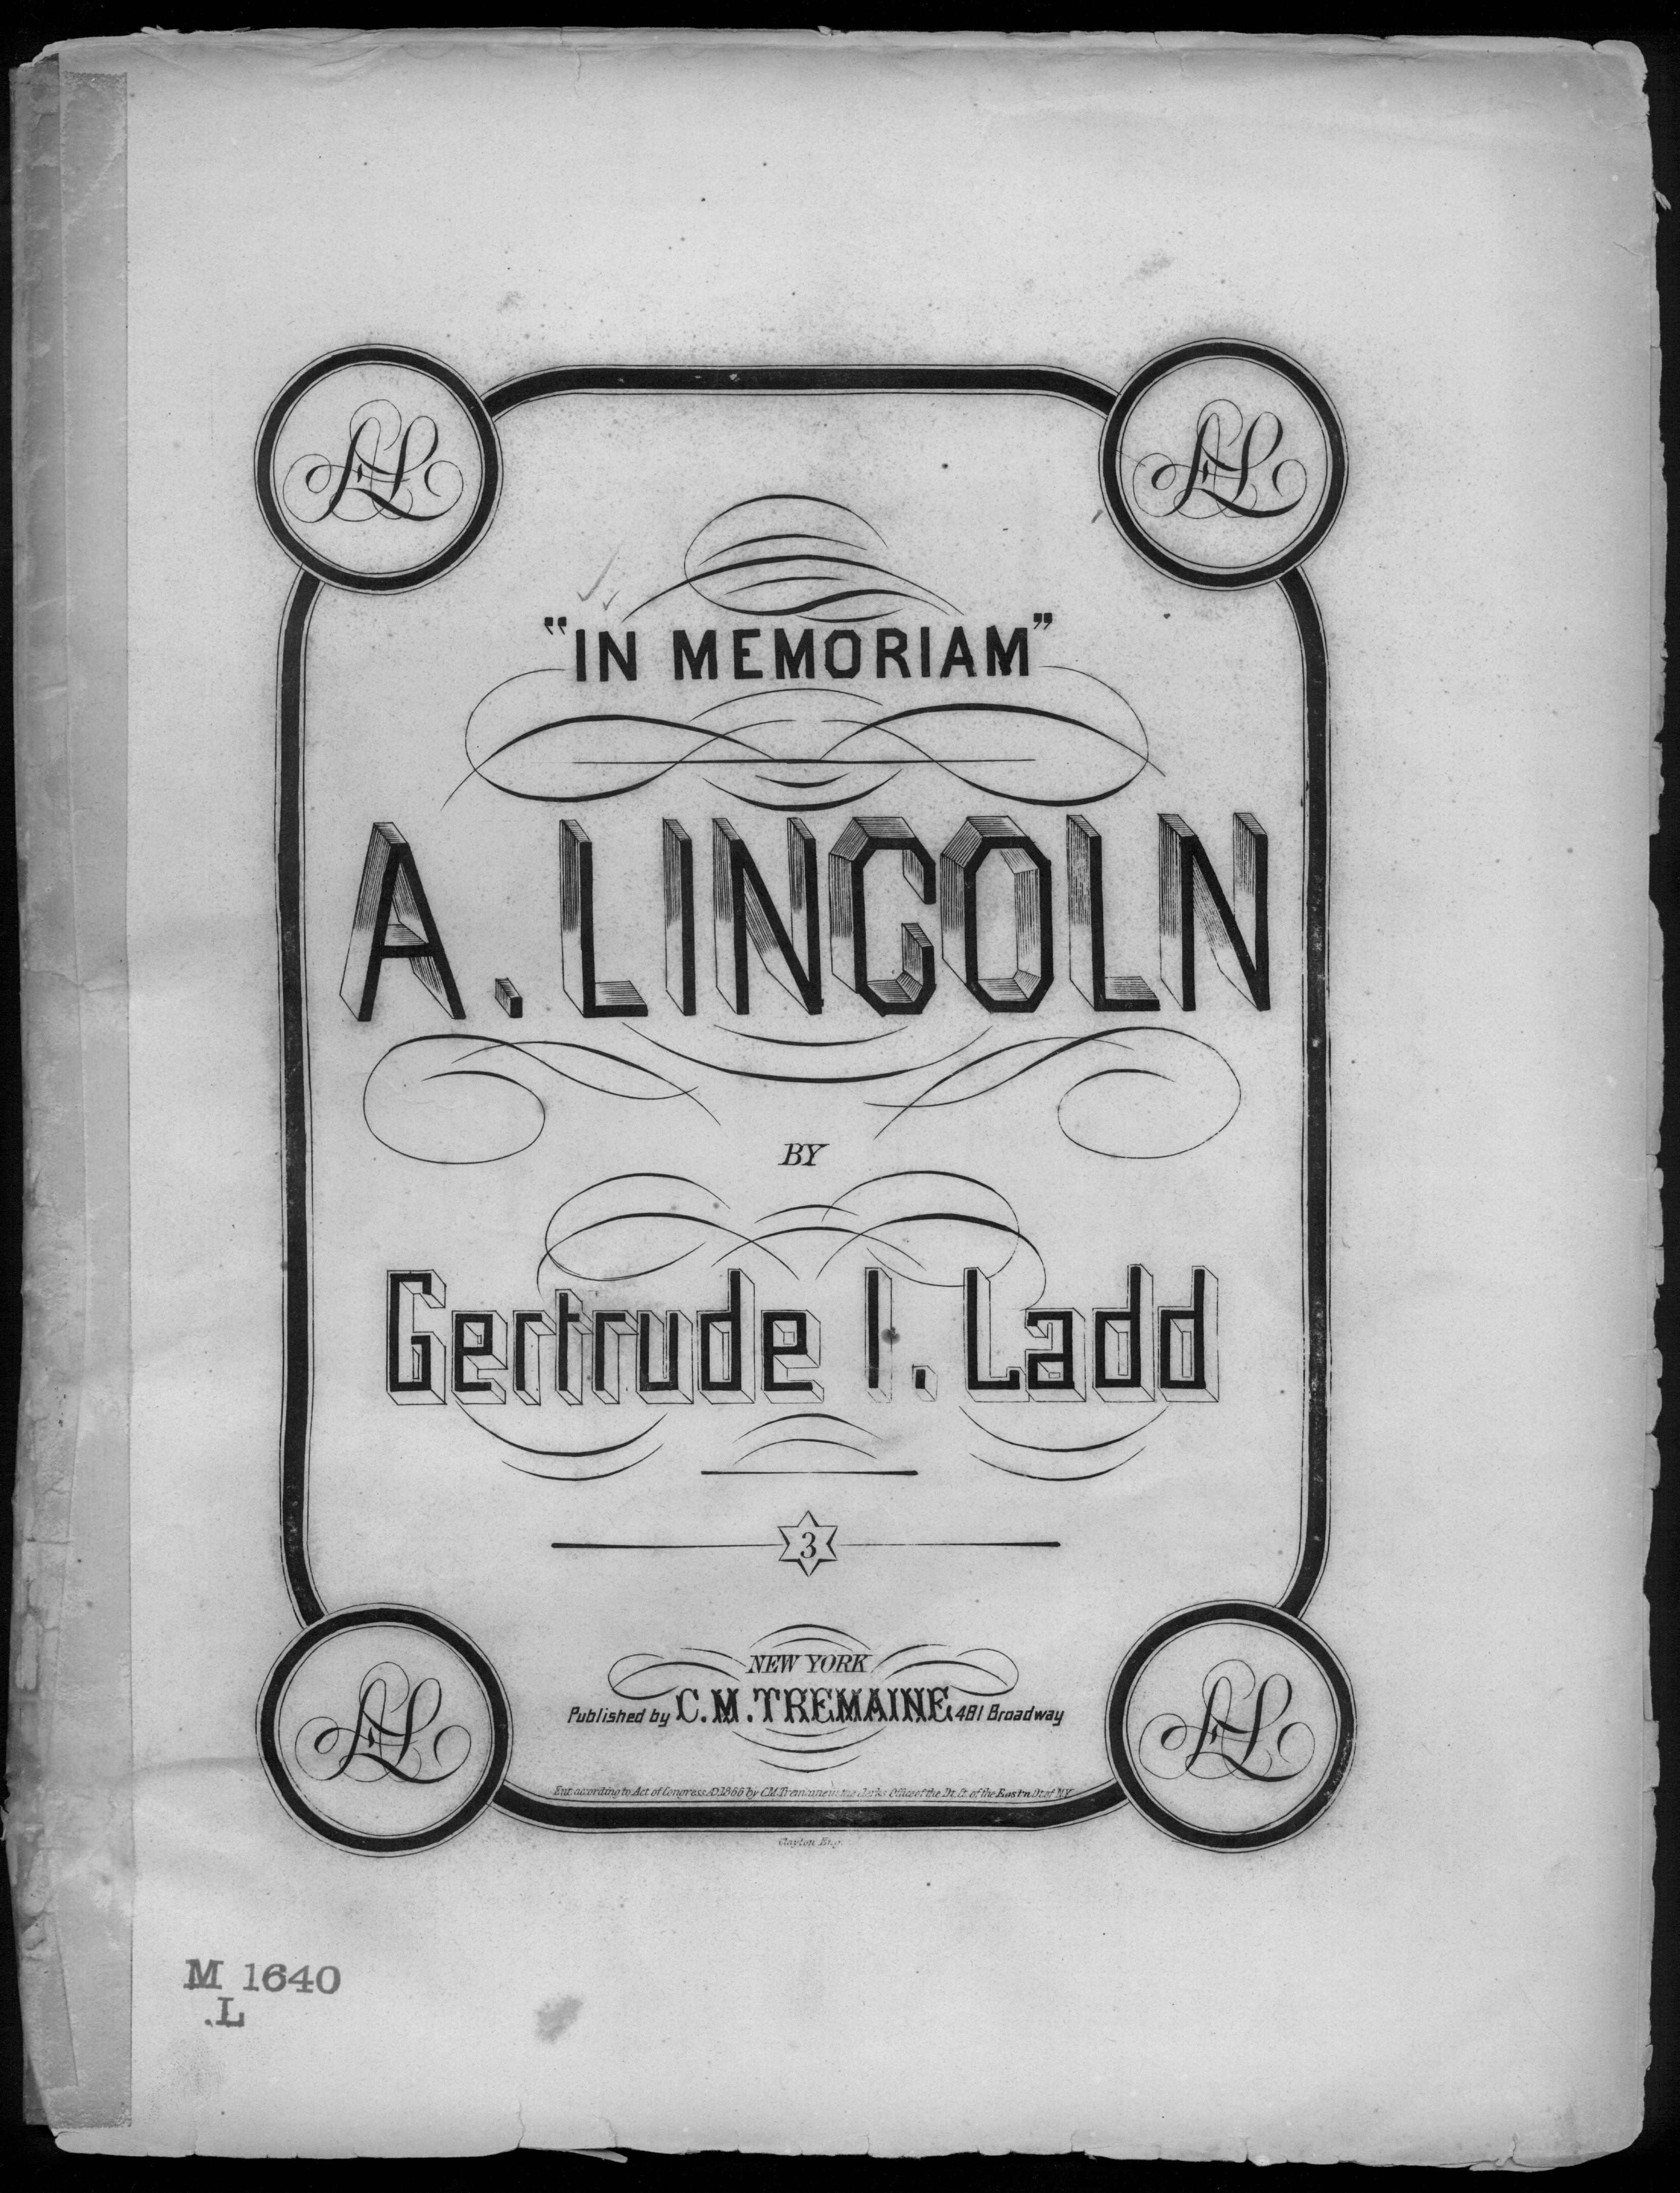 In memoriam, A. Lincoln